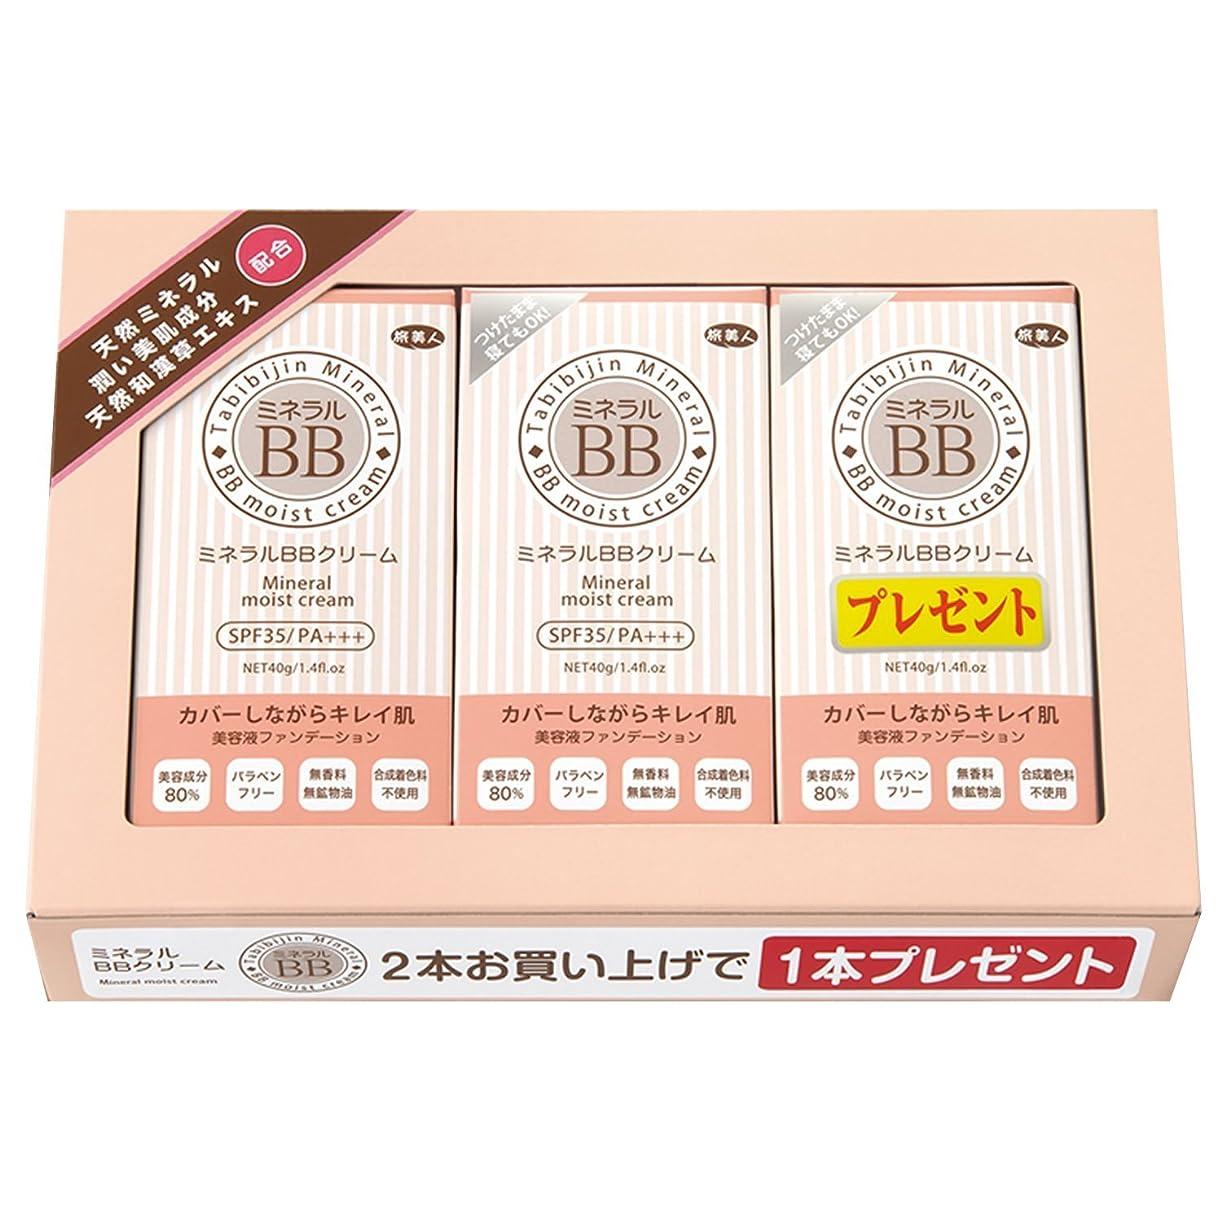 ブロッサム国民調停するアズマ商事の ミネラルBBクリーム お得な 2本のお値段で3本入りセット